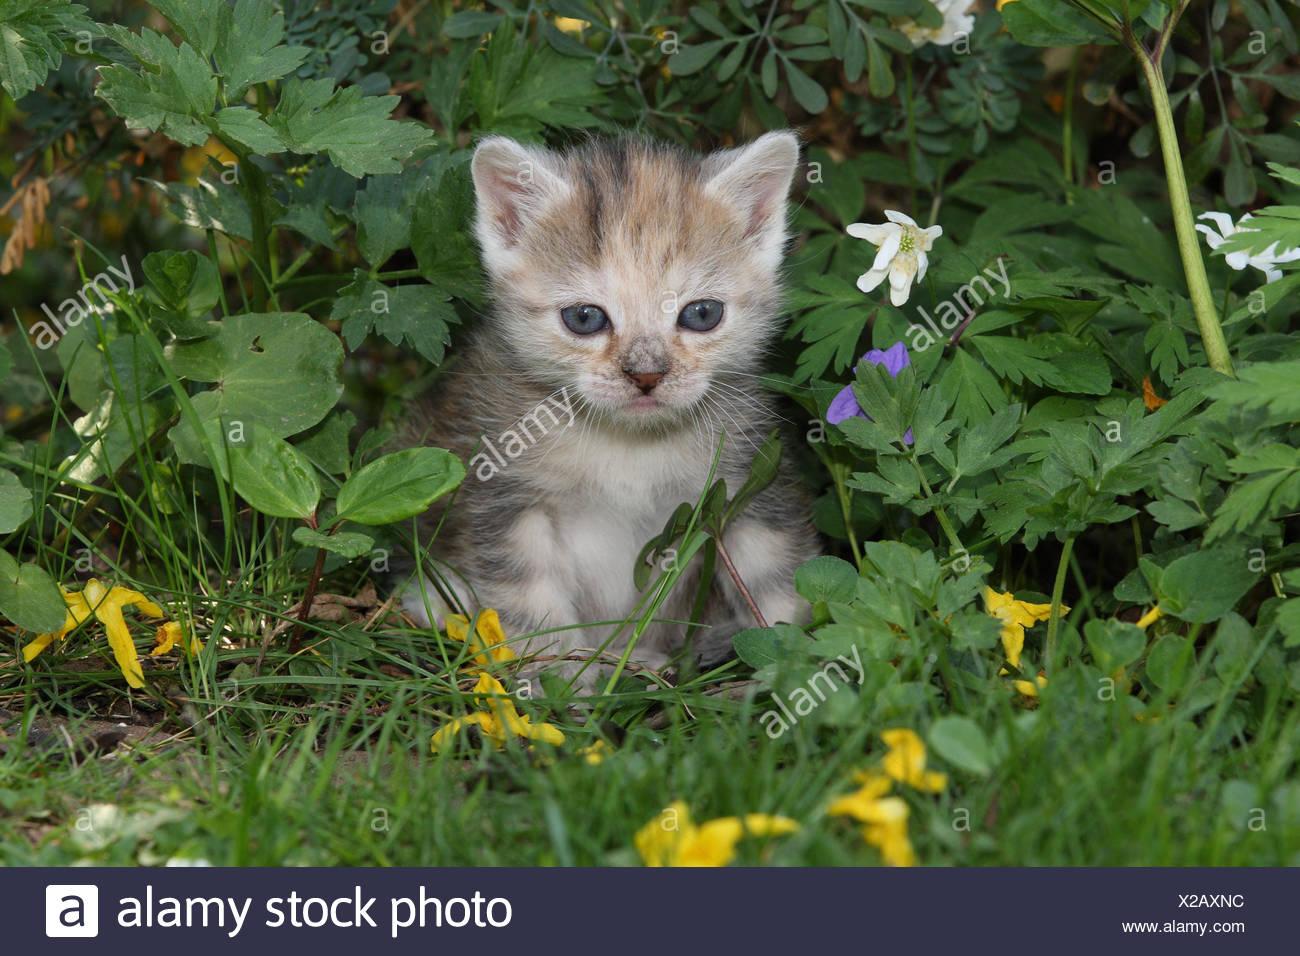 Katze, junge, sitzen, Wiese, Garten, Tiere, Säugetiere, Haustiere, kleine Katzen, Felidae, zähmt, junges Tier, Katze, Kätzchen, kleinen Haus, ungeschickt, unbeholfen, hilflos, süß, spielen, Neugier, Blumen, Hervorschauen, Pflanzen, individuell, allein, jungen Tieren, tierischen Baby, Natur, draußen, Stockbild